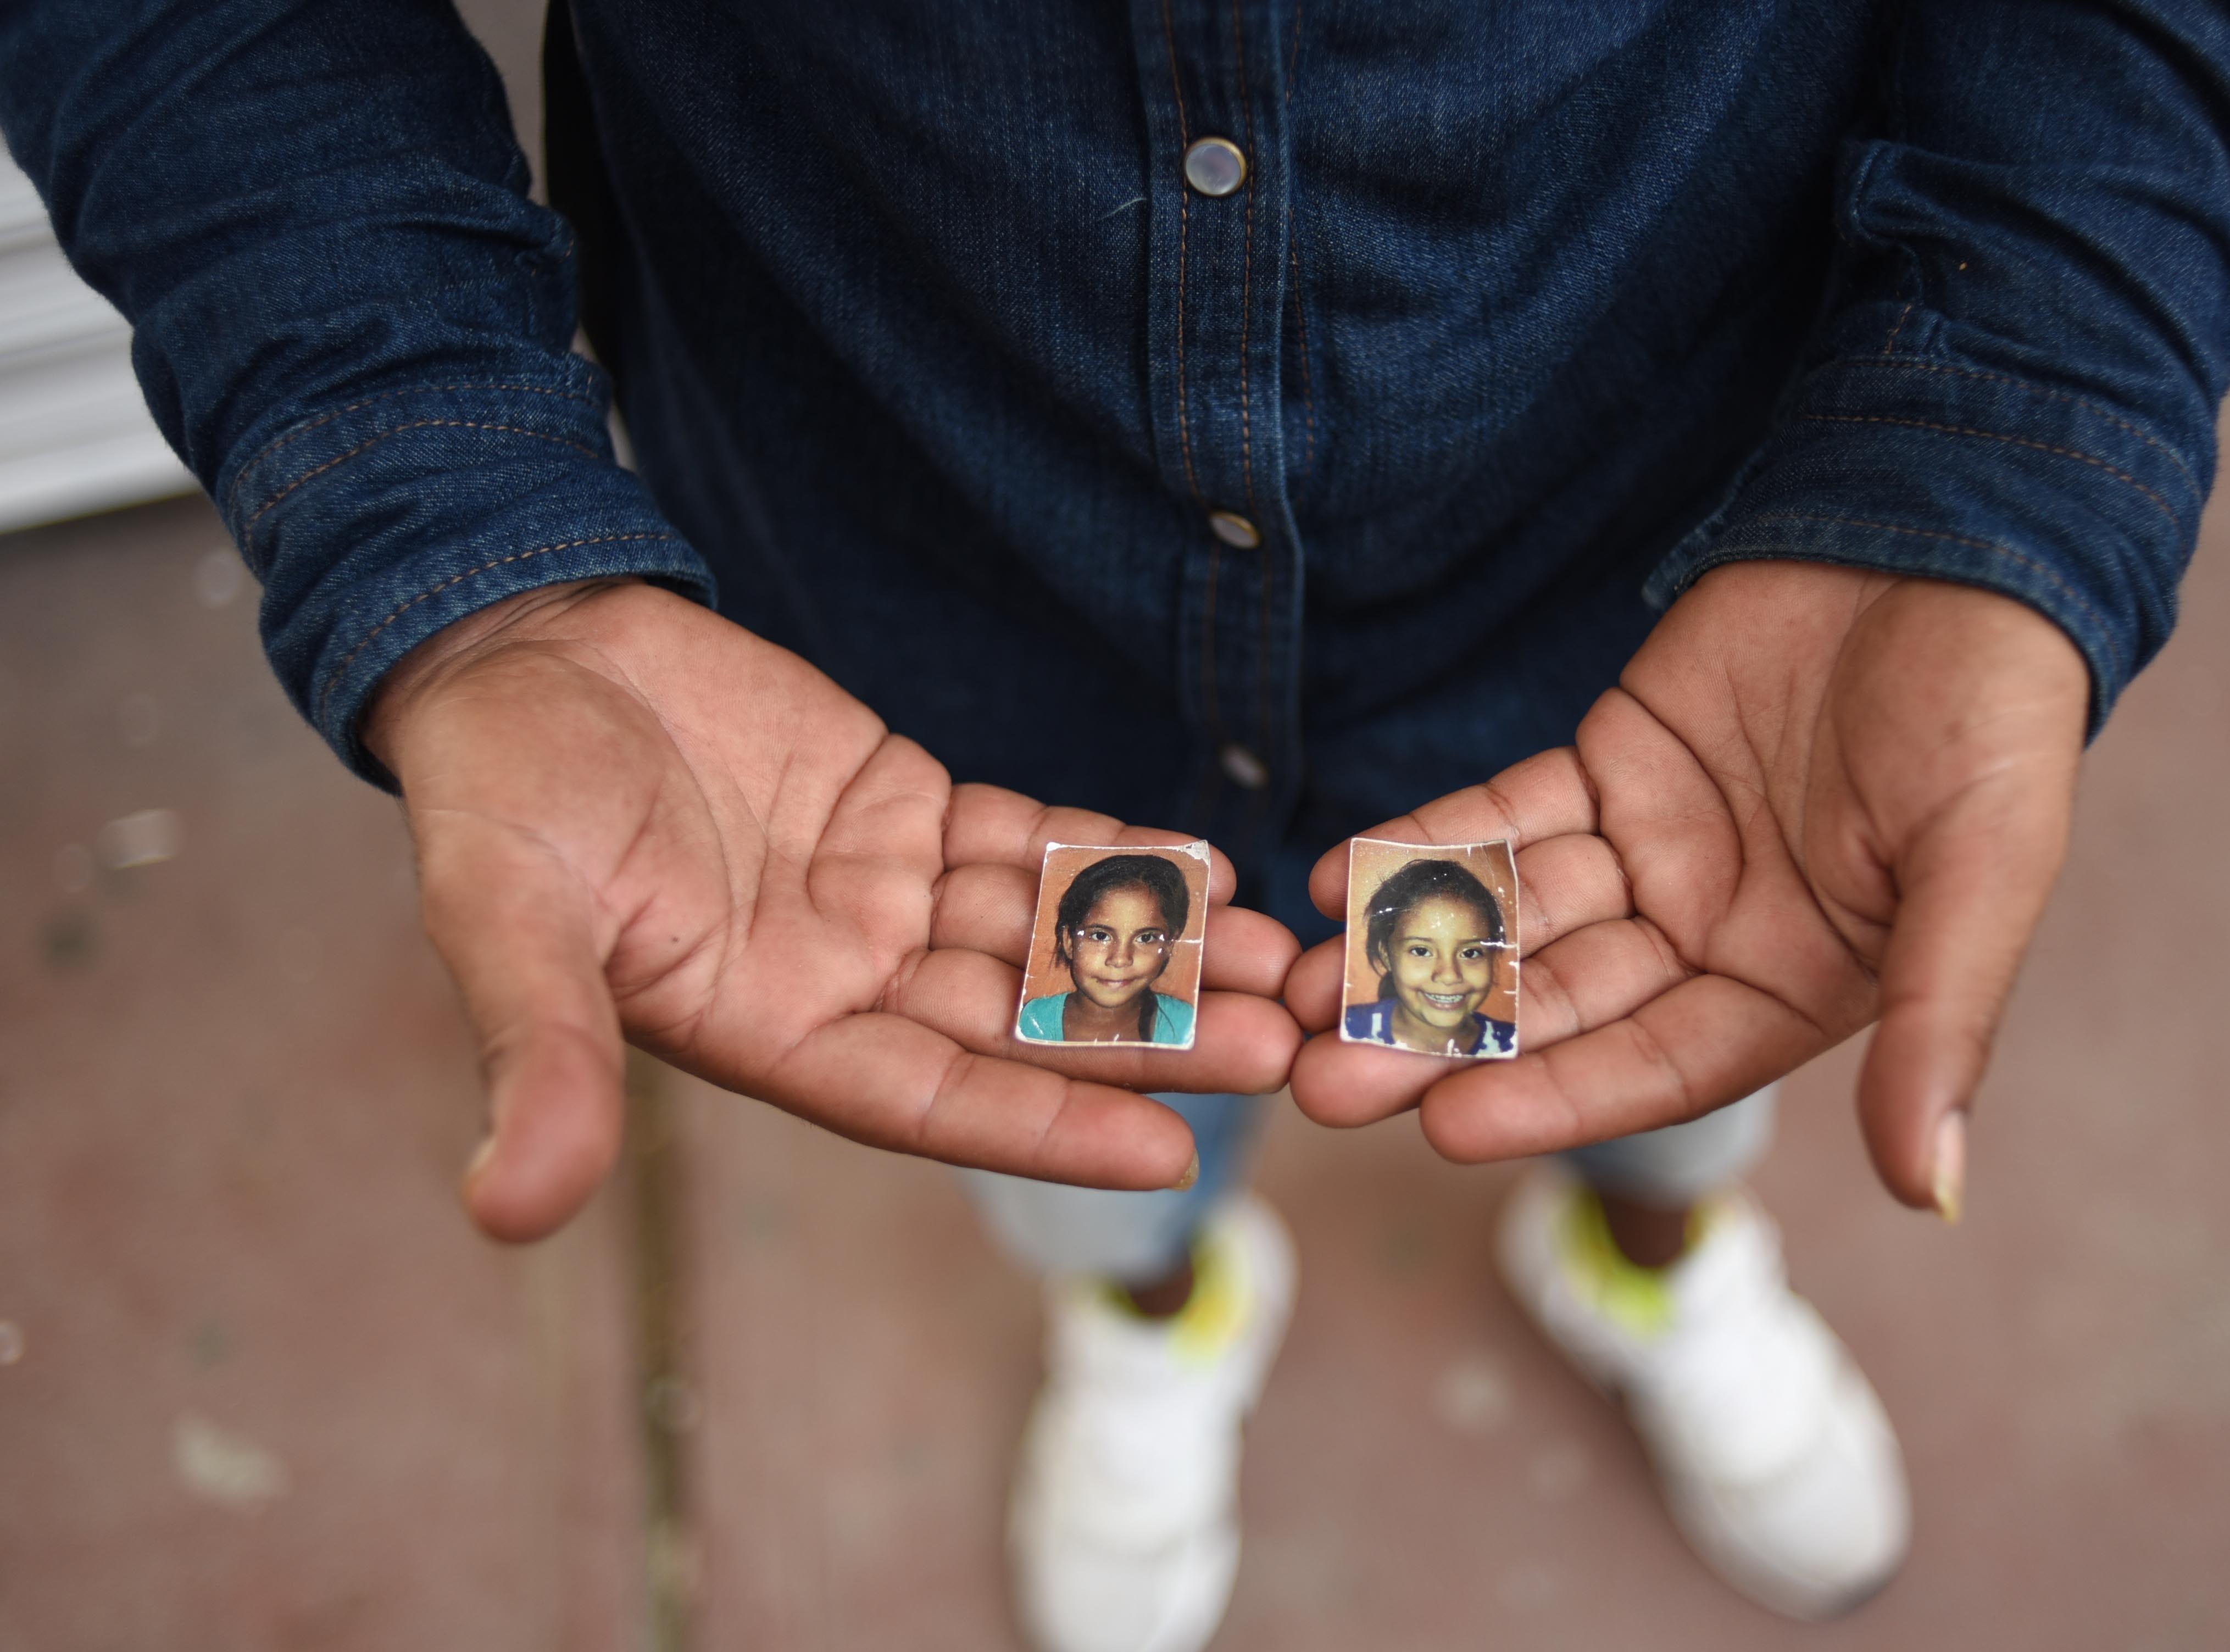 El migrante hondureño Selvin Espinal, muestra las fotos de sus dos pequeñas hijas que dejó en su tierra natal, para seguir la caravana. Estos son los rostros de los migrantes centroamericanos que huyen de la pobreza y violencia que se vive en sus países; y que por medio de una caravana caminan cientos de kilómetros cruzando ciudades, ríos, carreteras, bosques y fronteras, con el firme propósito de hacer realidad su sueño de llegar a los Estados Unidos.